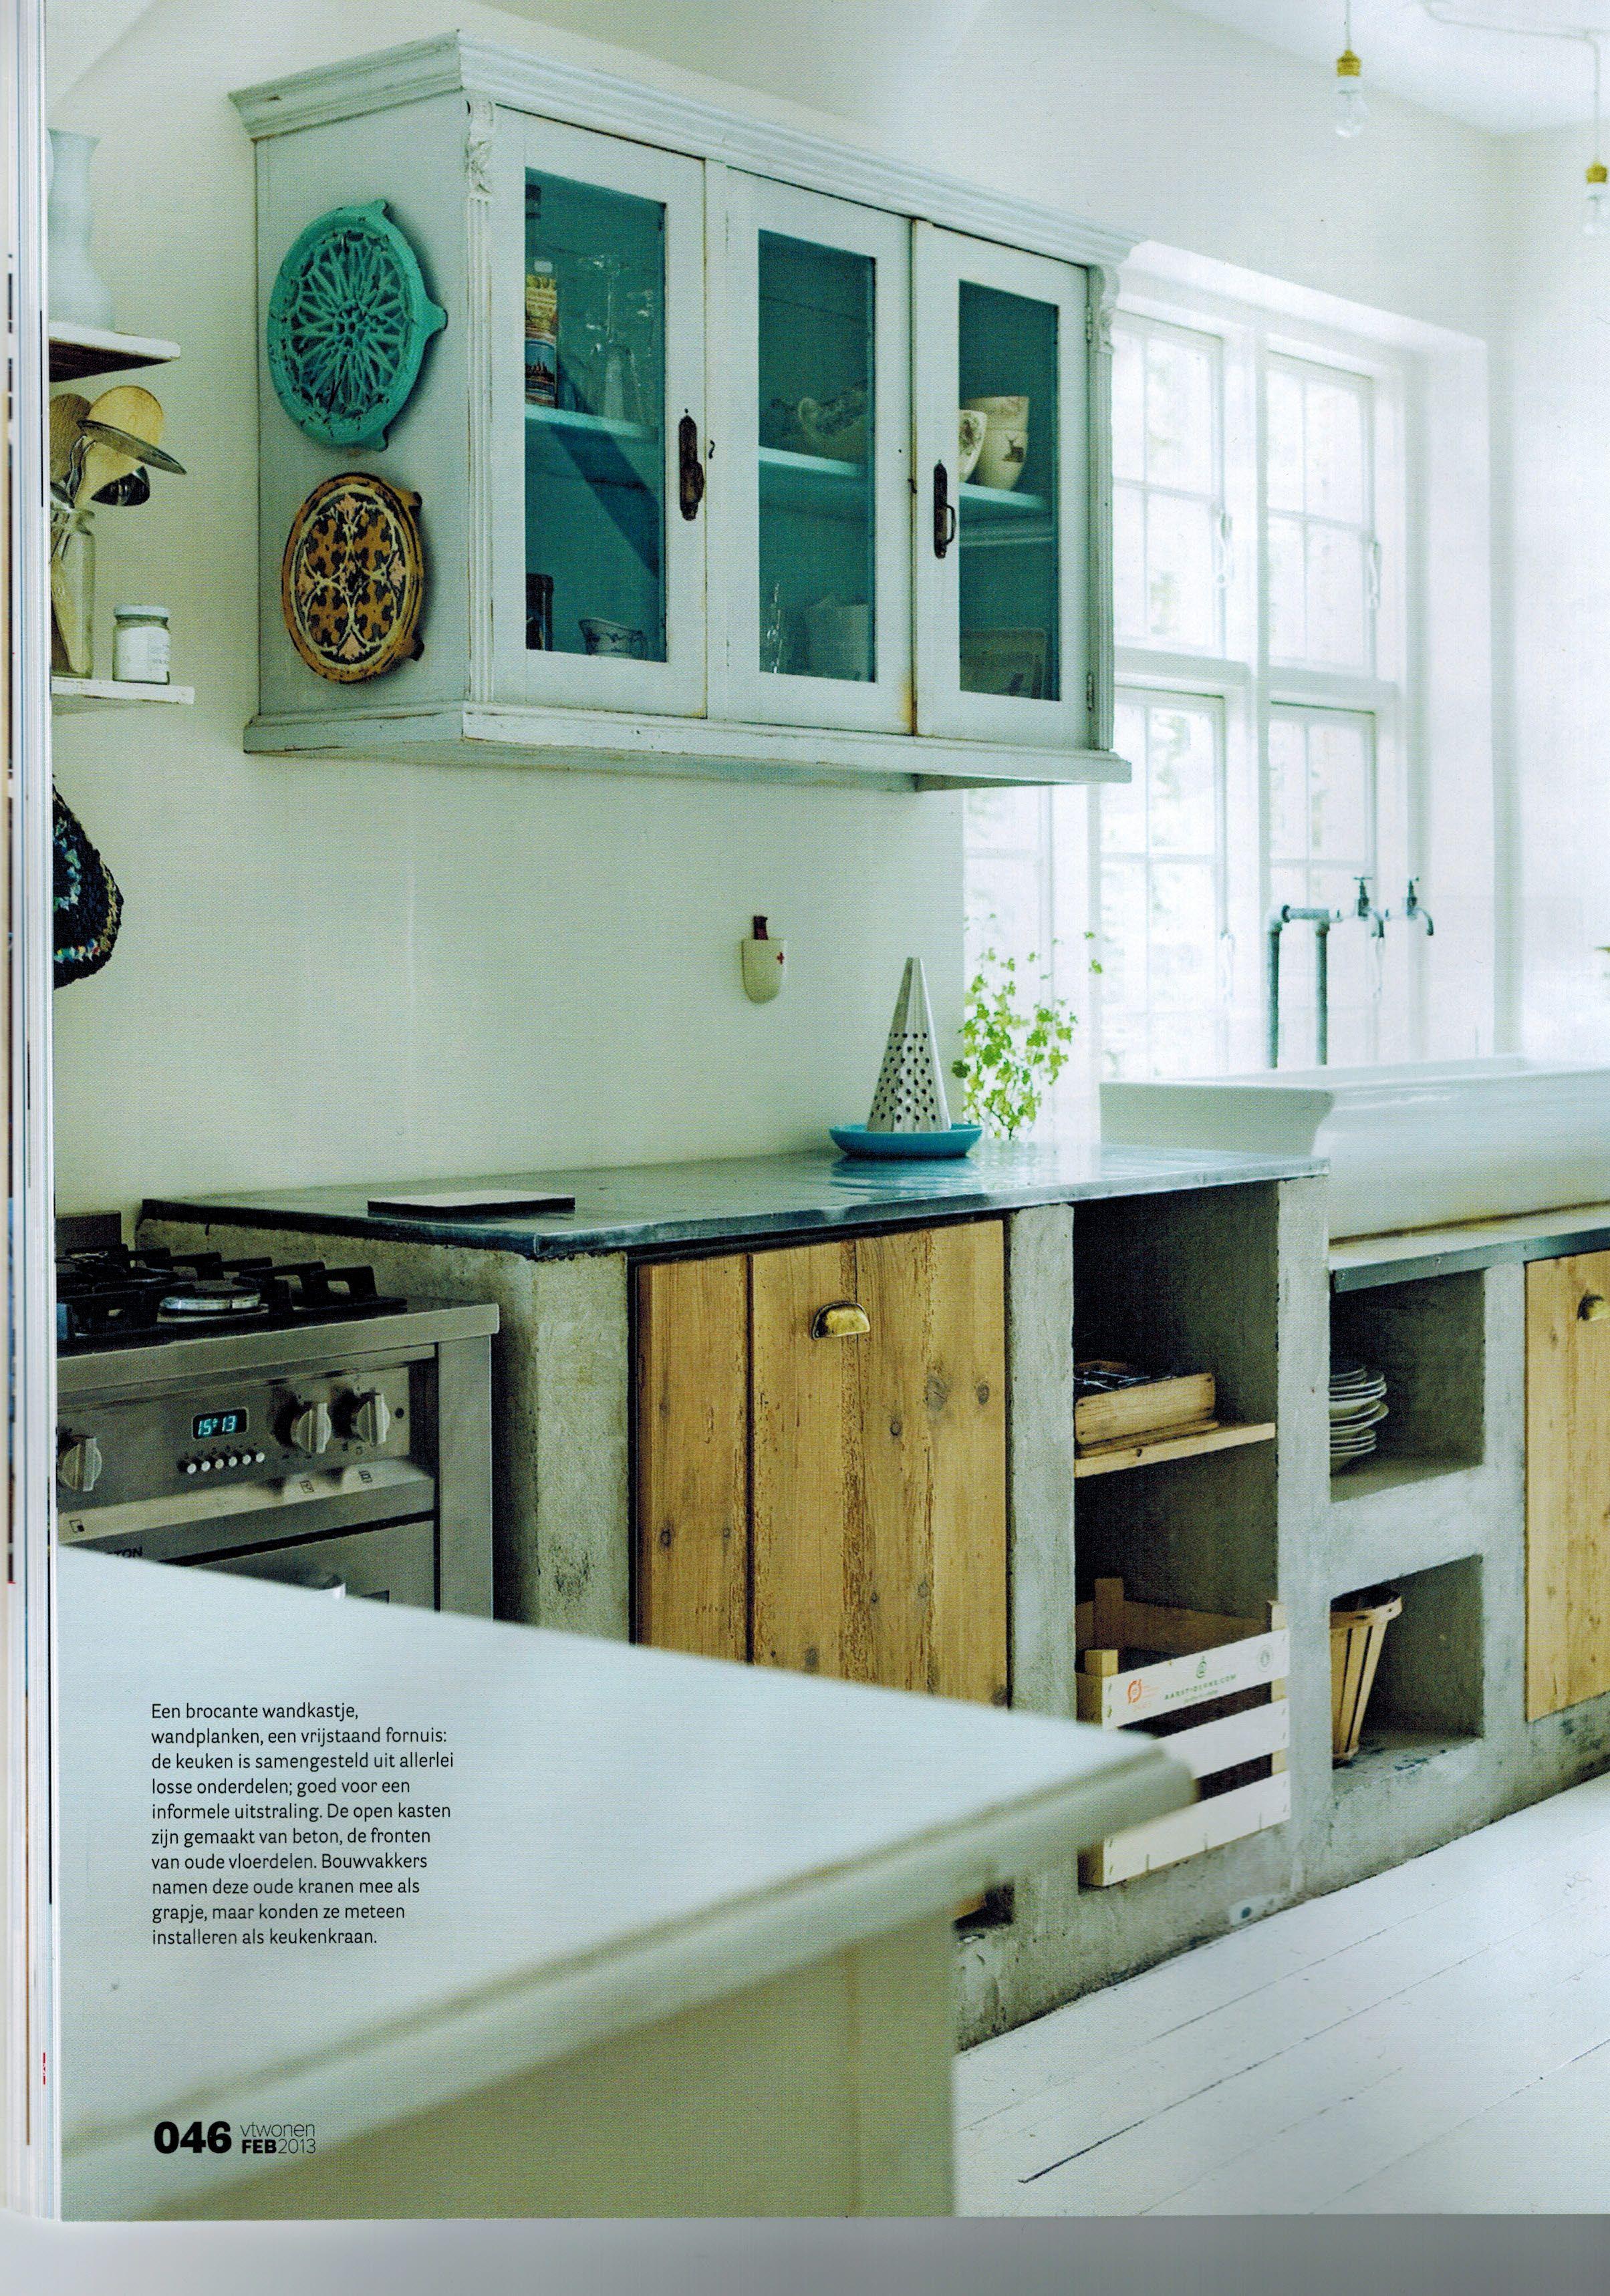 keuken onder afdak, vraag kunnen de muurtjes ook gewoon gemetseld en ...